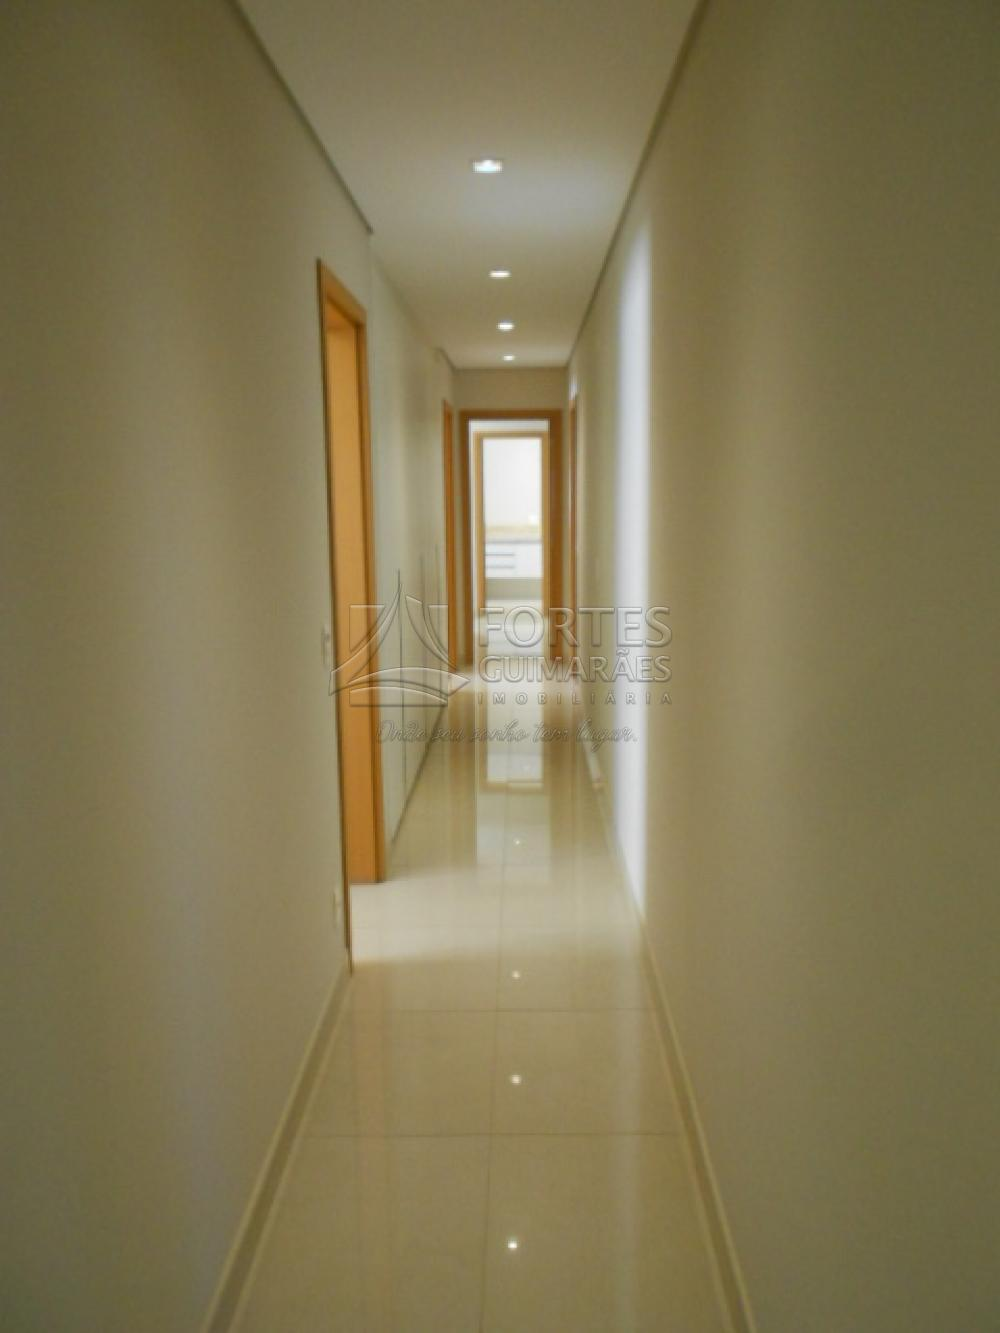 Alugar Apartamentos / Padrão em Ribeirão Preto apenas R$ 8.500,00 - Foto 20